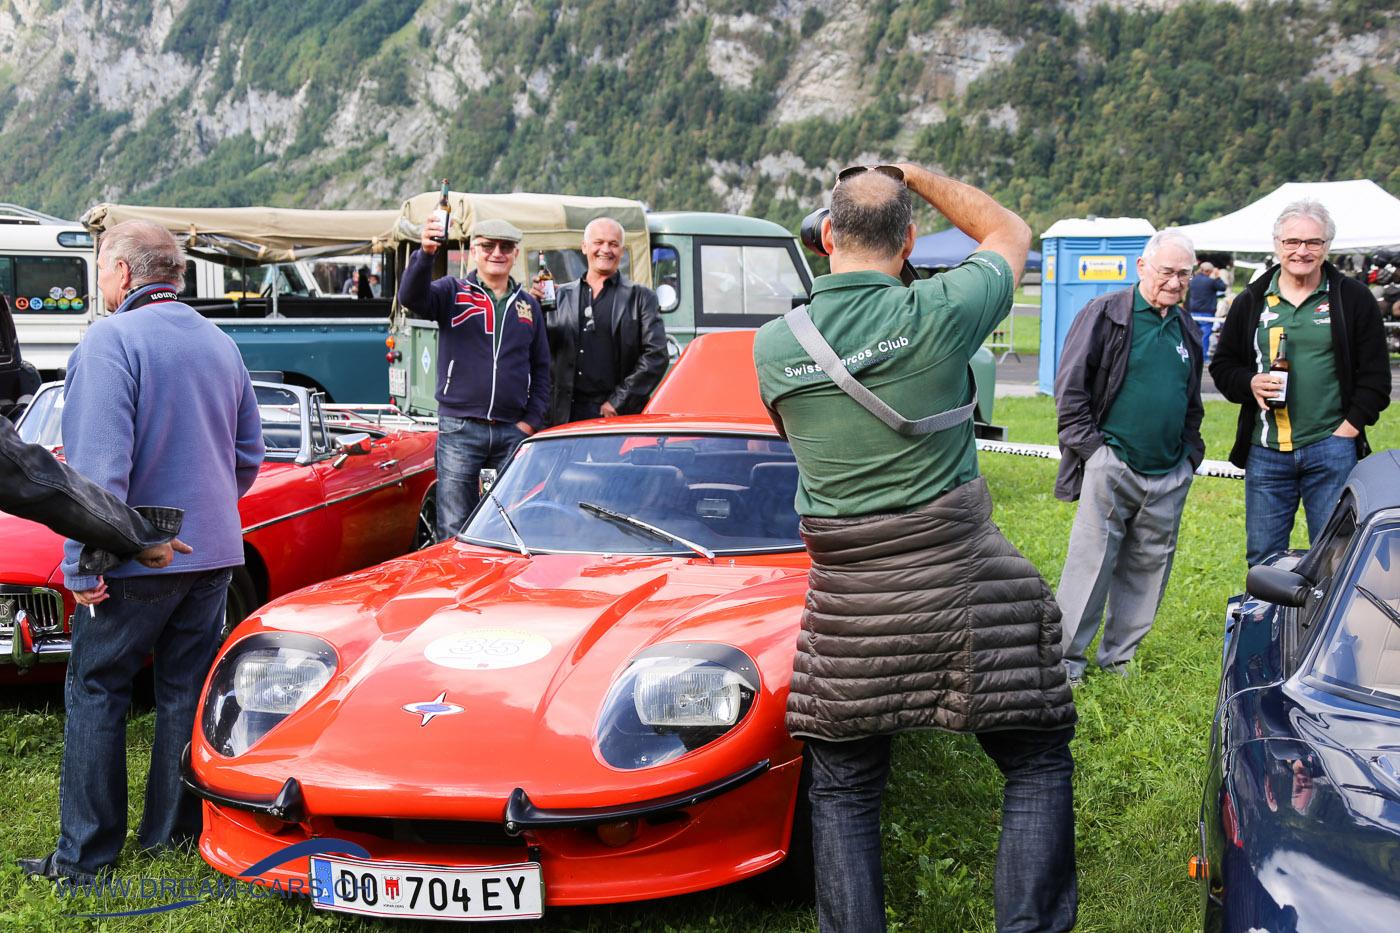 BCM - British Car Meeting Mollis, 26.08.2018. Die Stimmung war ausgezeichnet